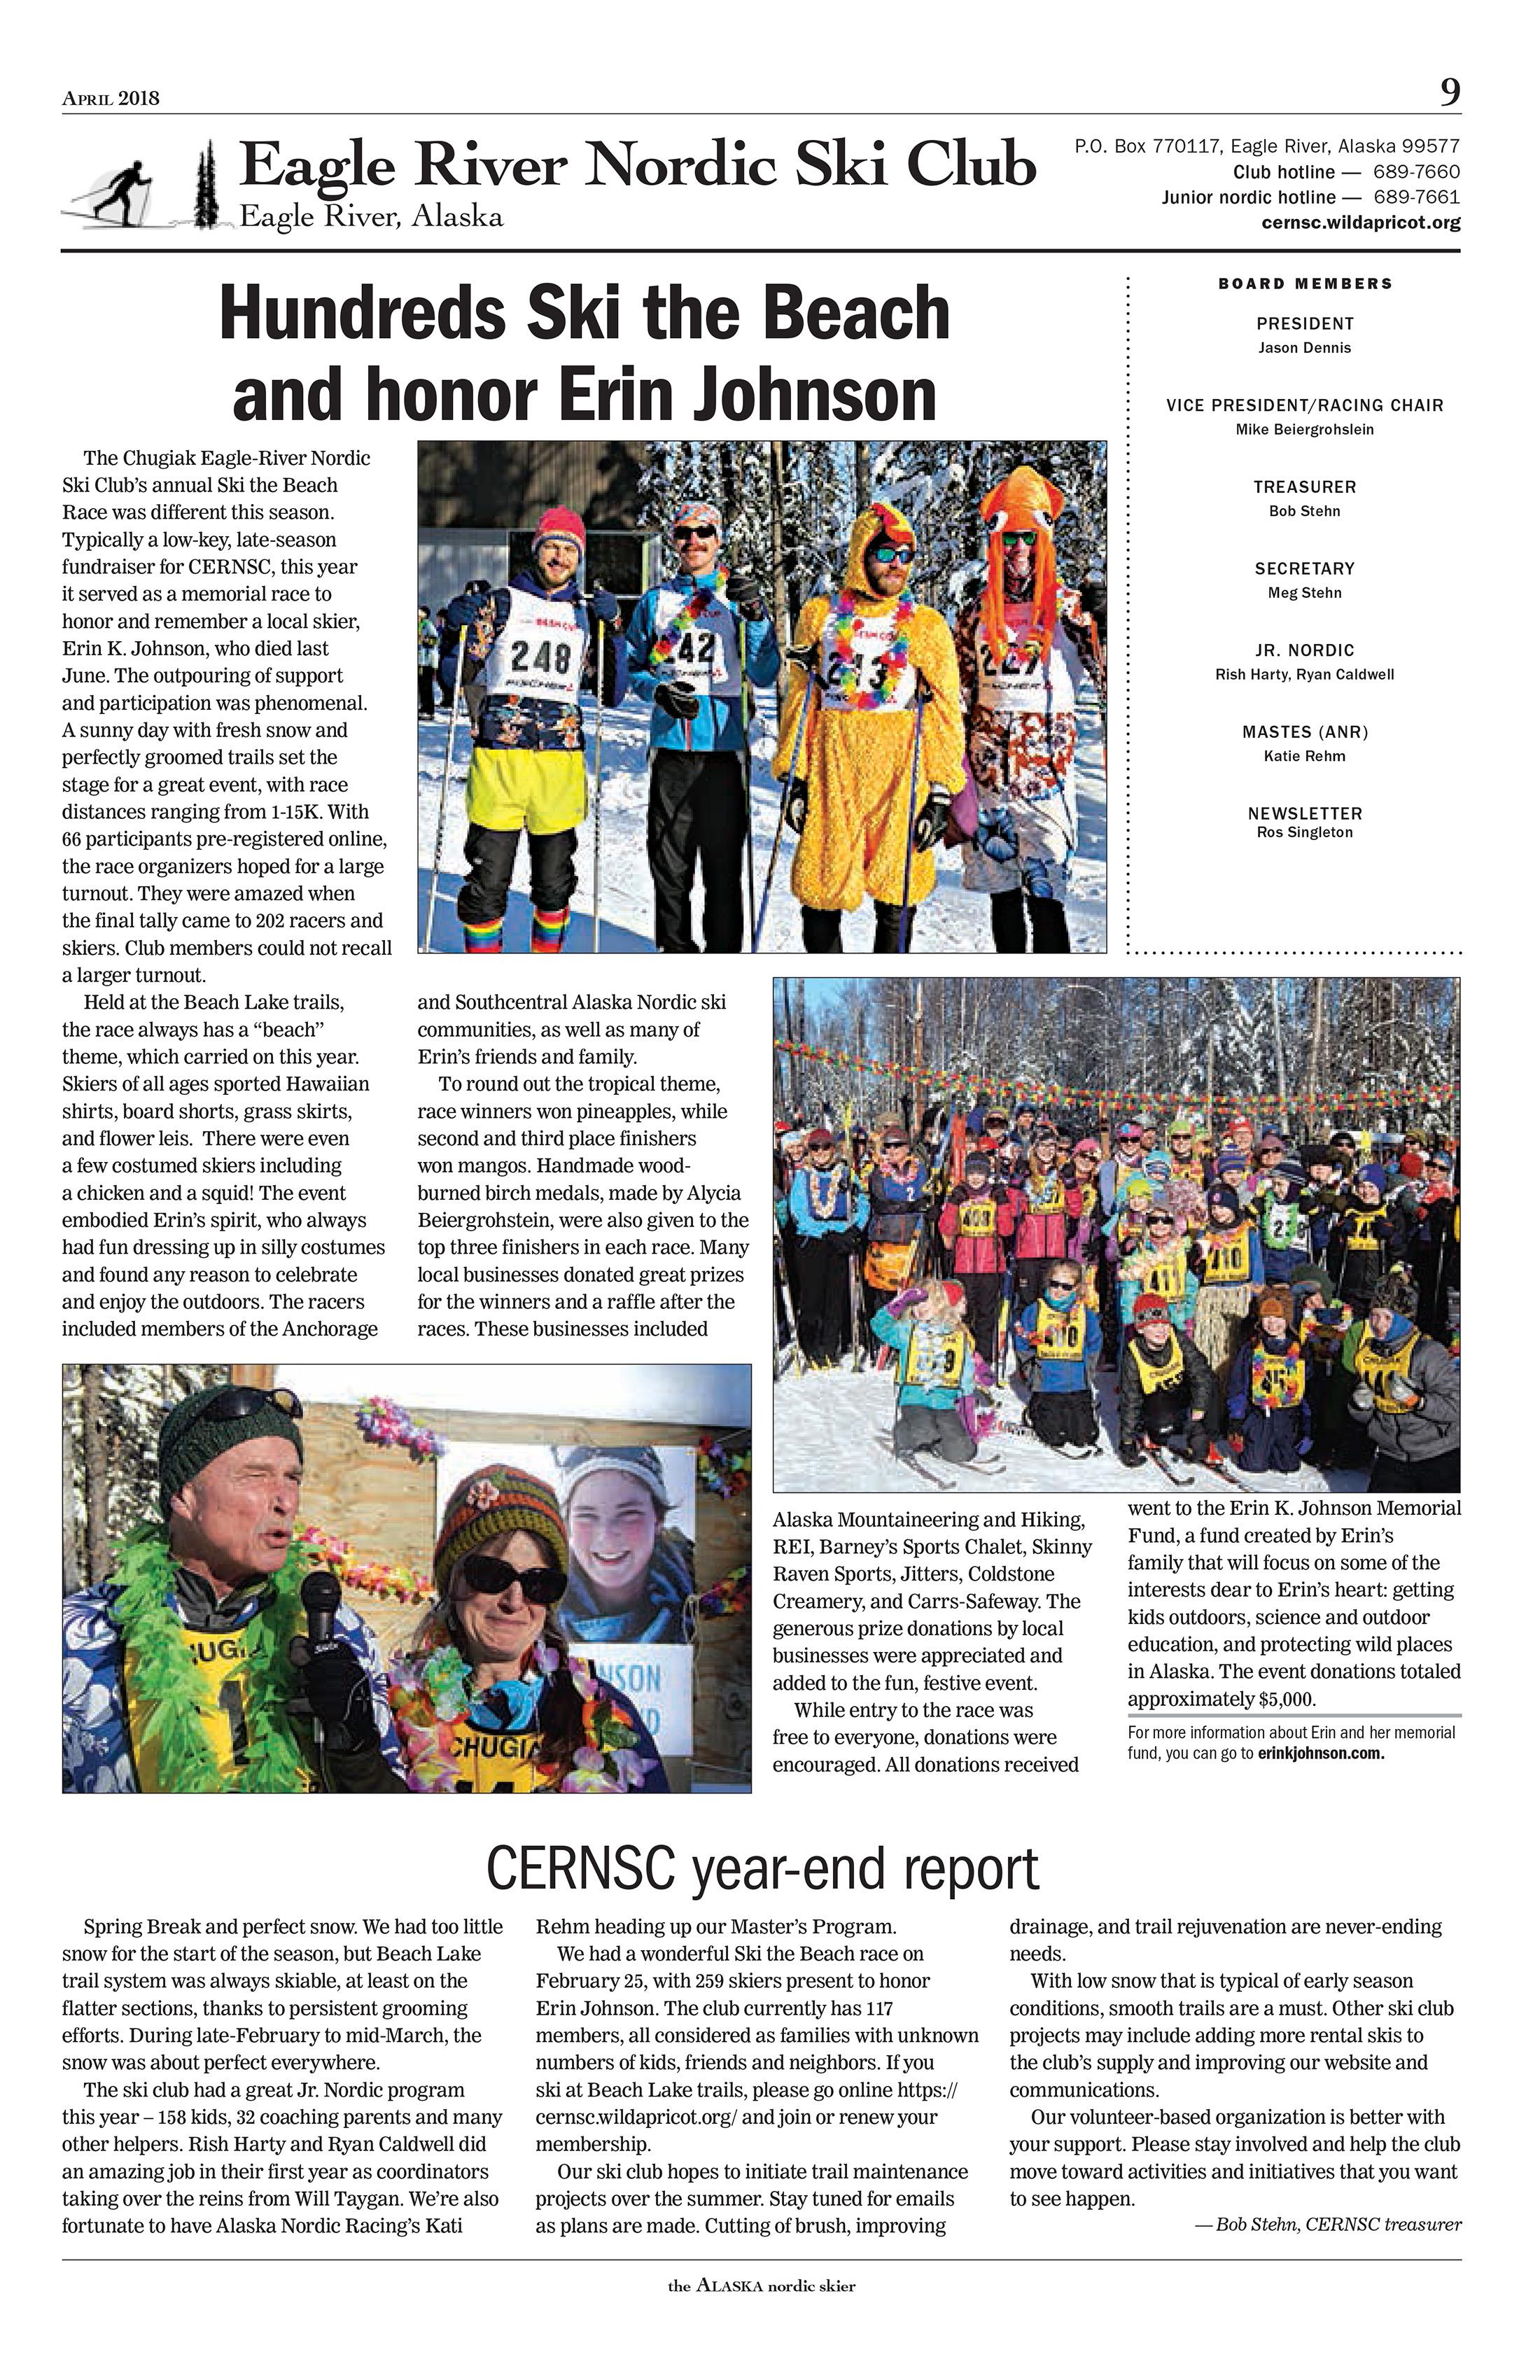 ski-the-beach-article.jpg